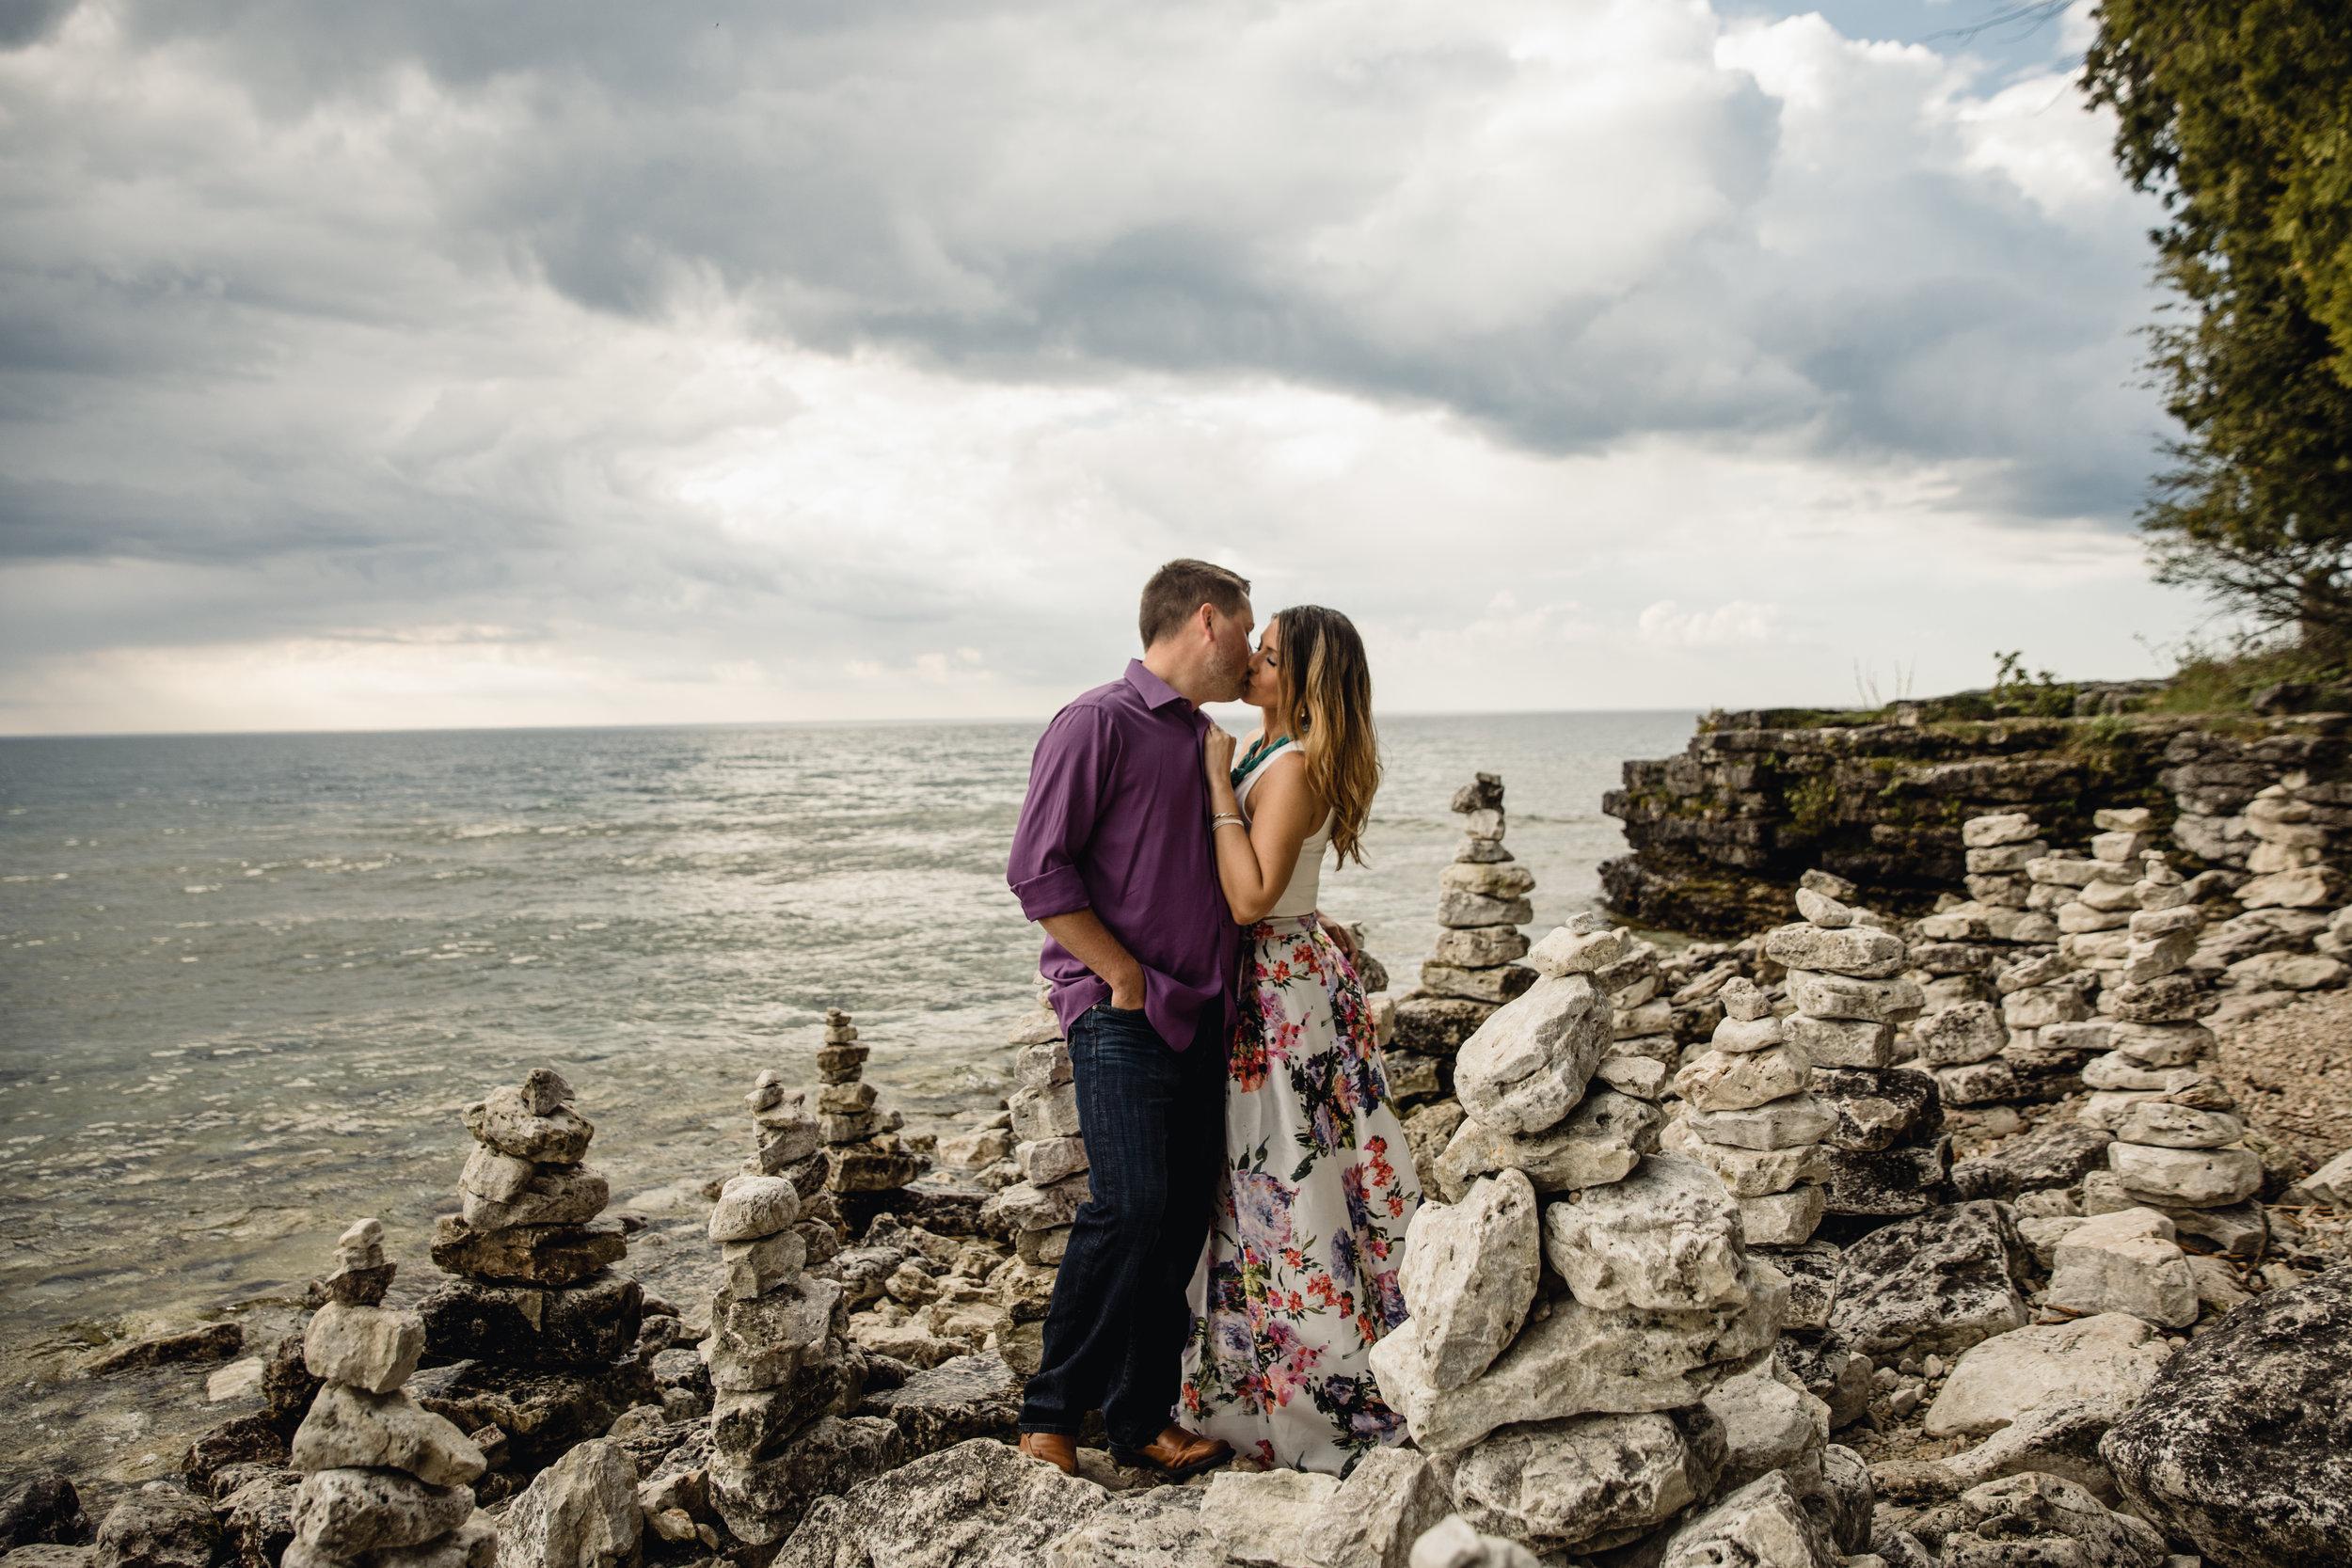 Door County Wedding Photographer - Door County Engagement - Cave Point - Adventure Engagement - Elopement Photographer